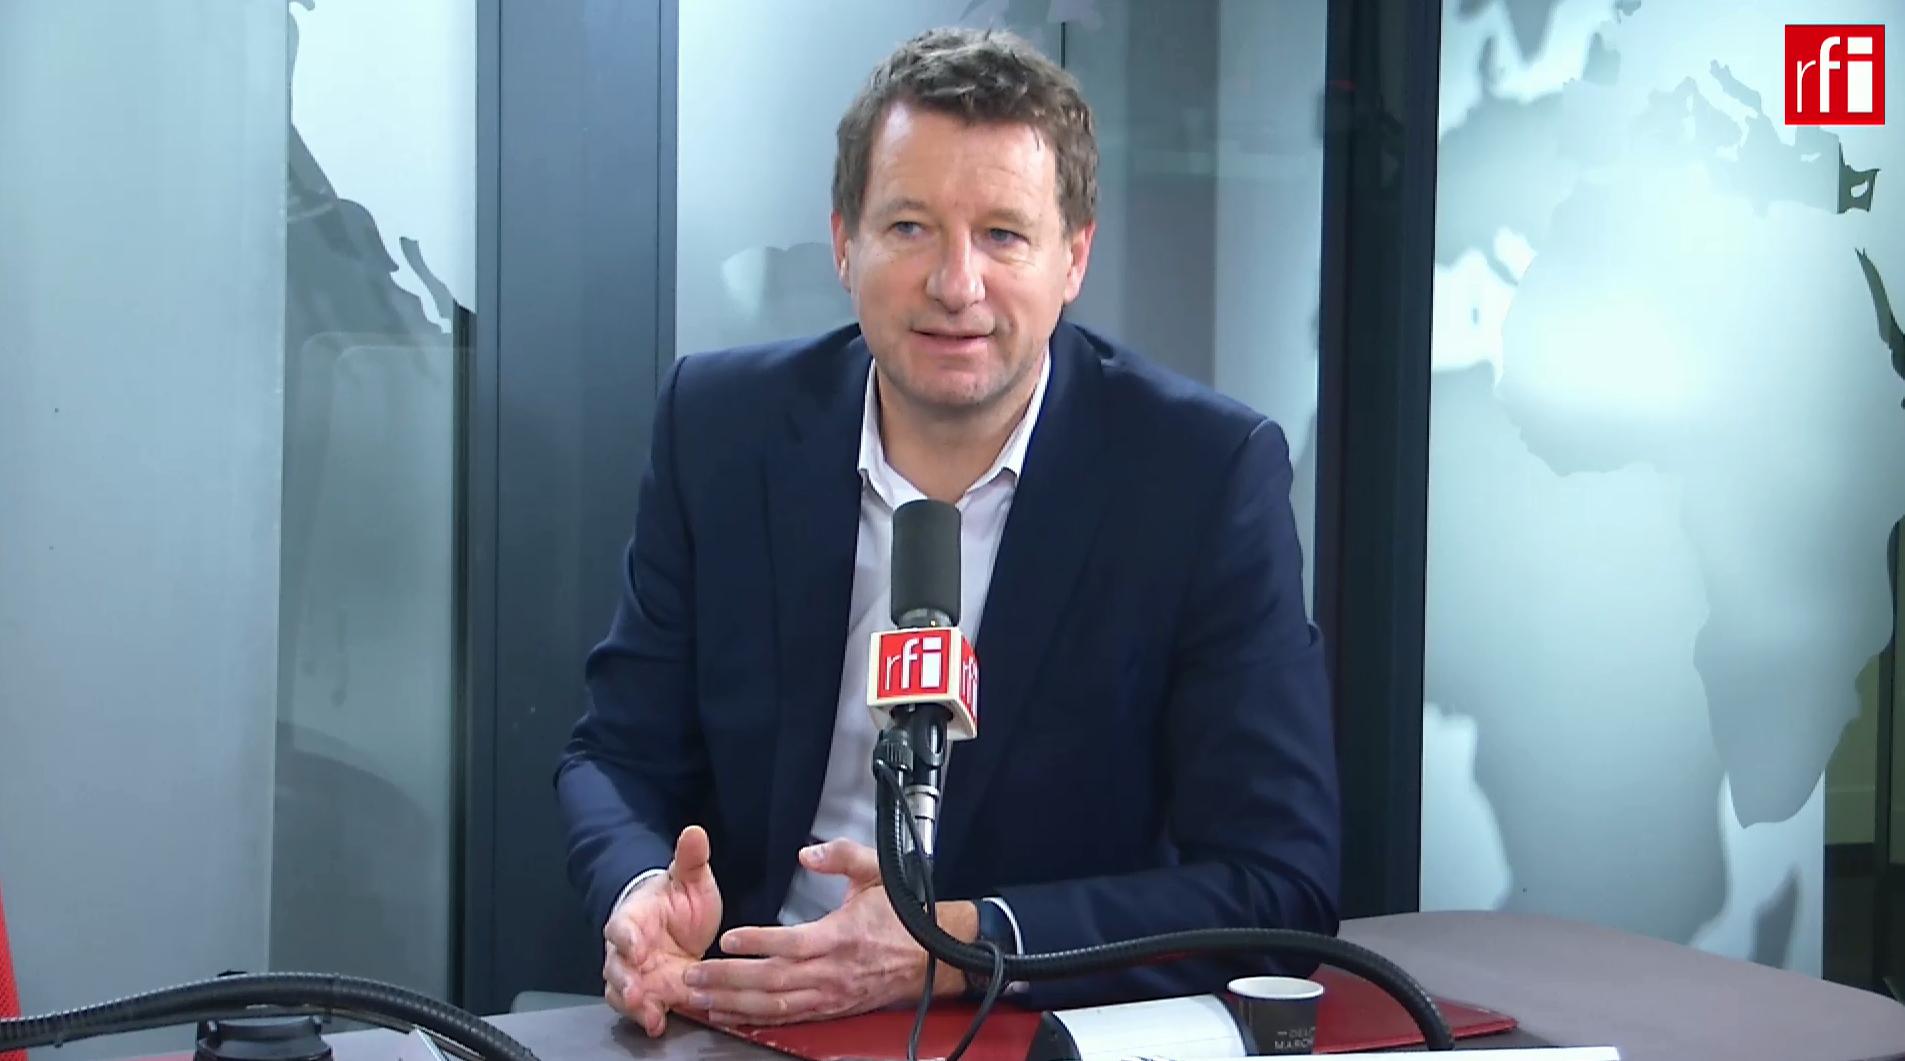 Лидер предвыборного списка «зеленых» Янник Жадо в студии RFI